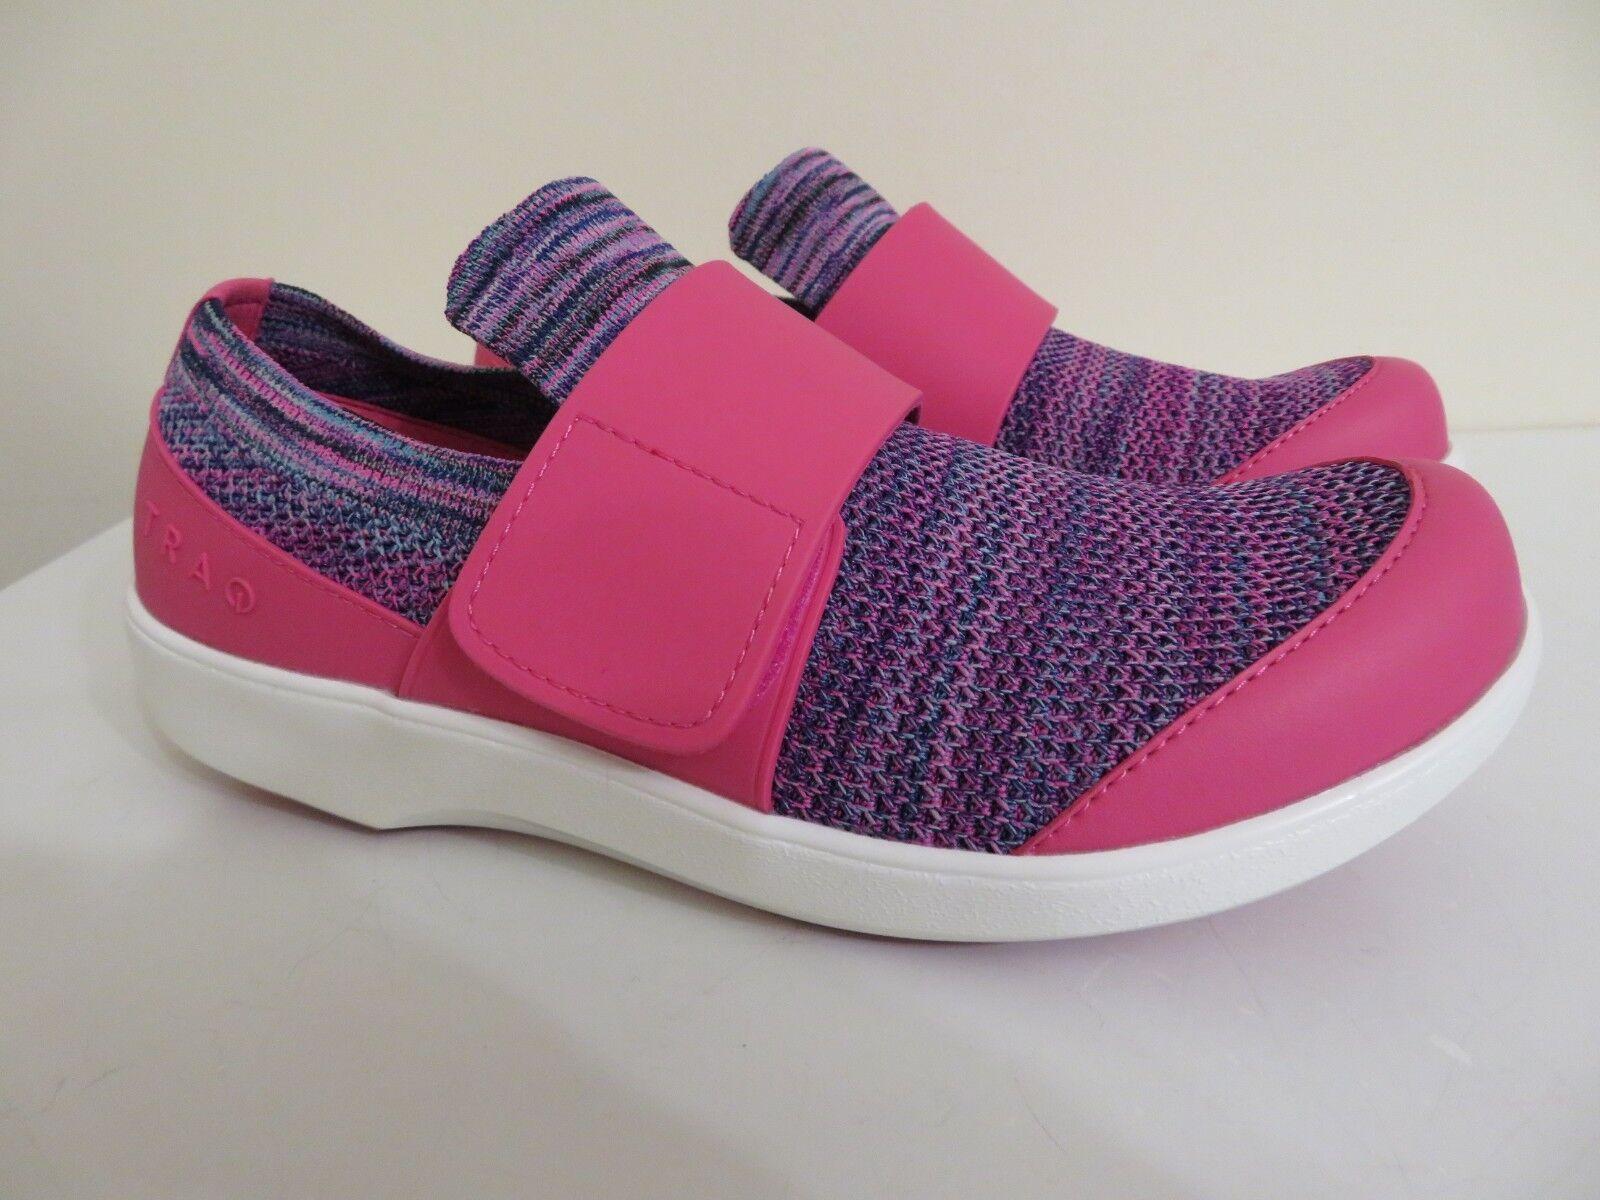 ALEGRIA TRAQ Schuhe SNEAKERS W CROSS STRAP STRAP STRAP QWIK PINK 41 FITS US 10.5 TO 11 NEW cb9923